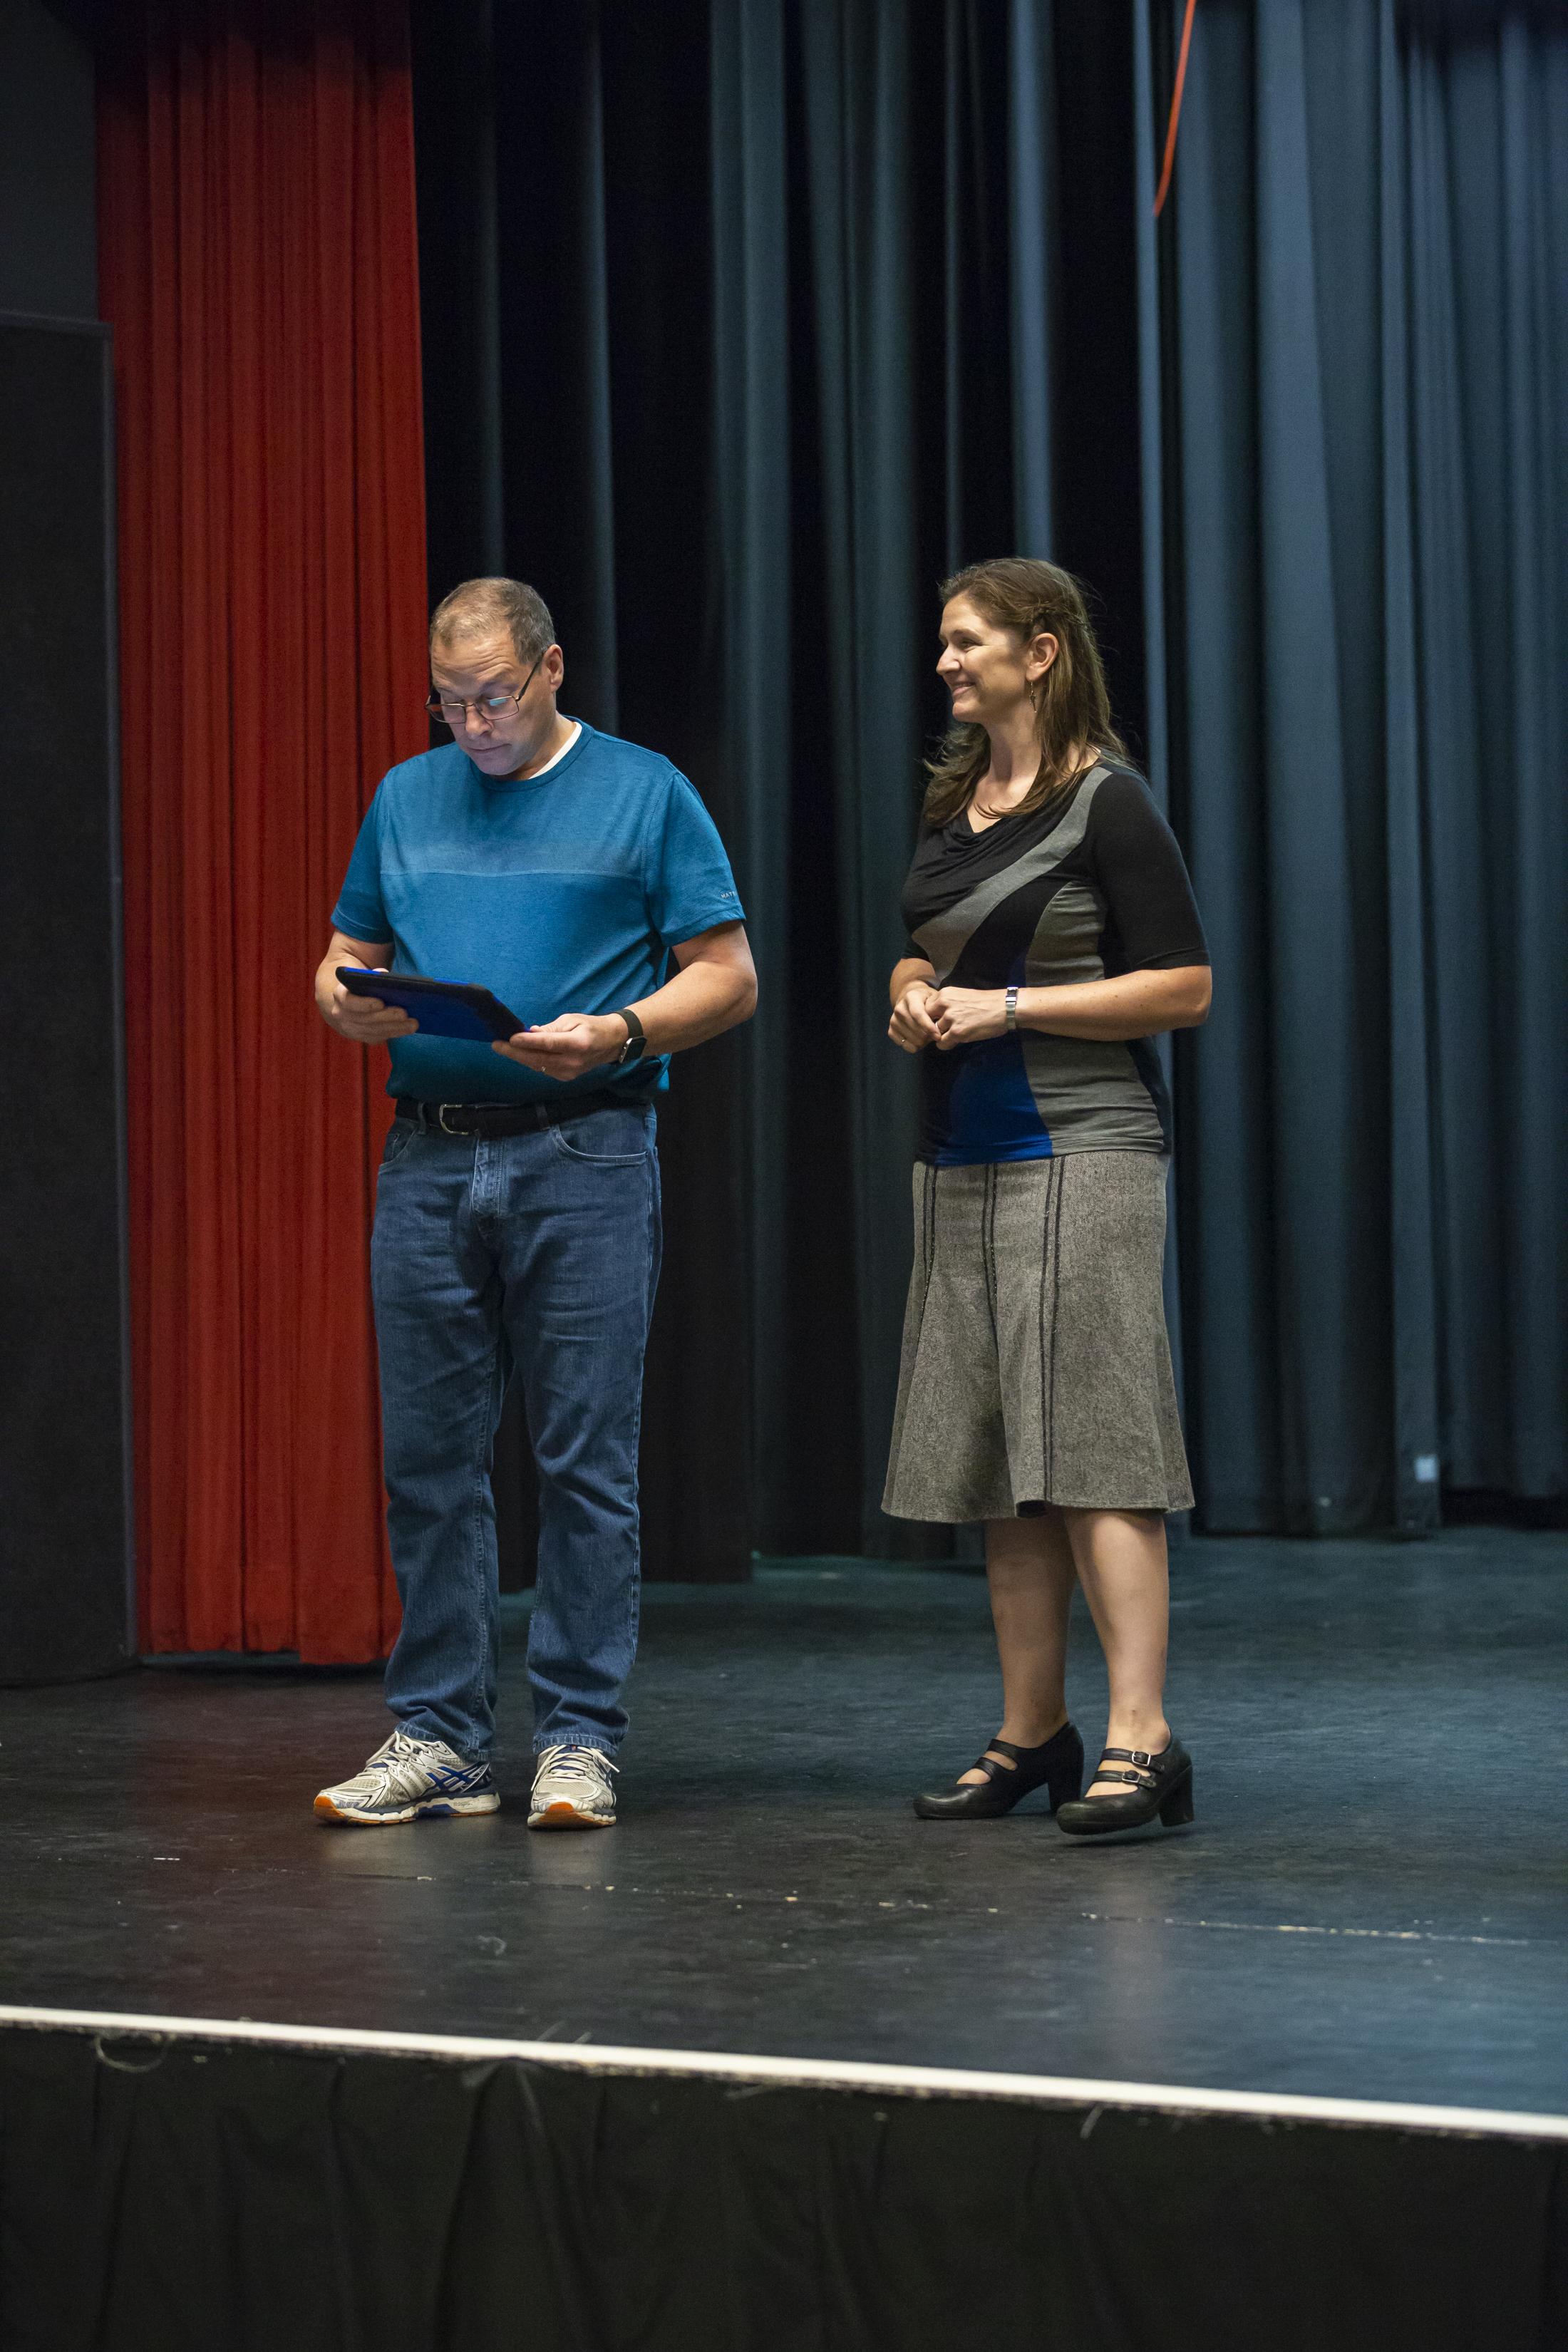 Mary Poppins - Streetlight Theatre Company - Rehearsal Shoot #1 - 20 Sep '18 - 003.JPG